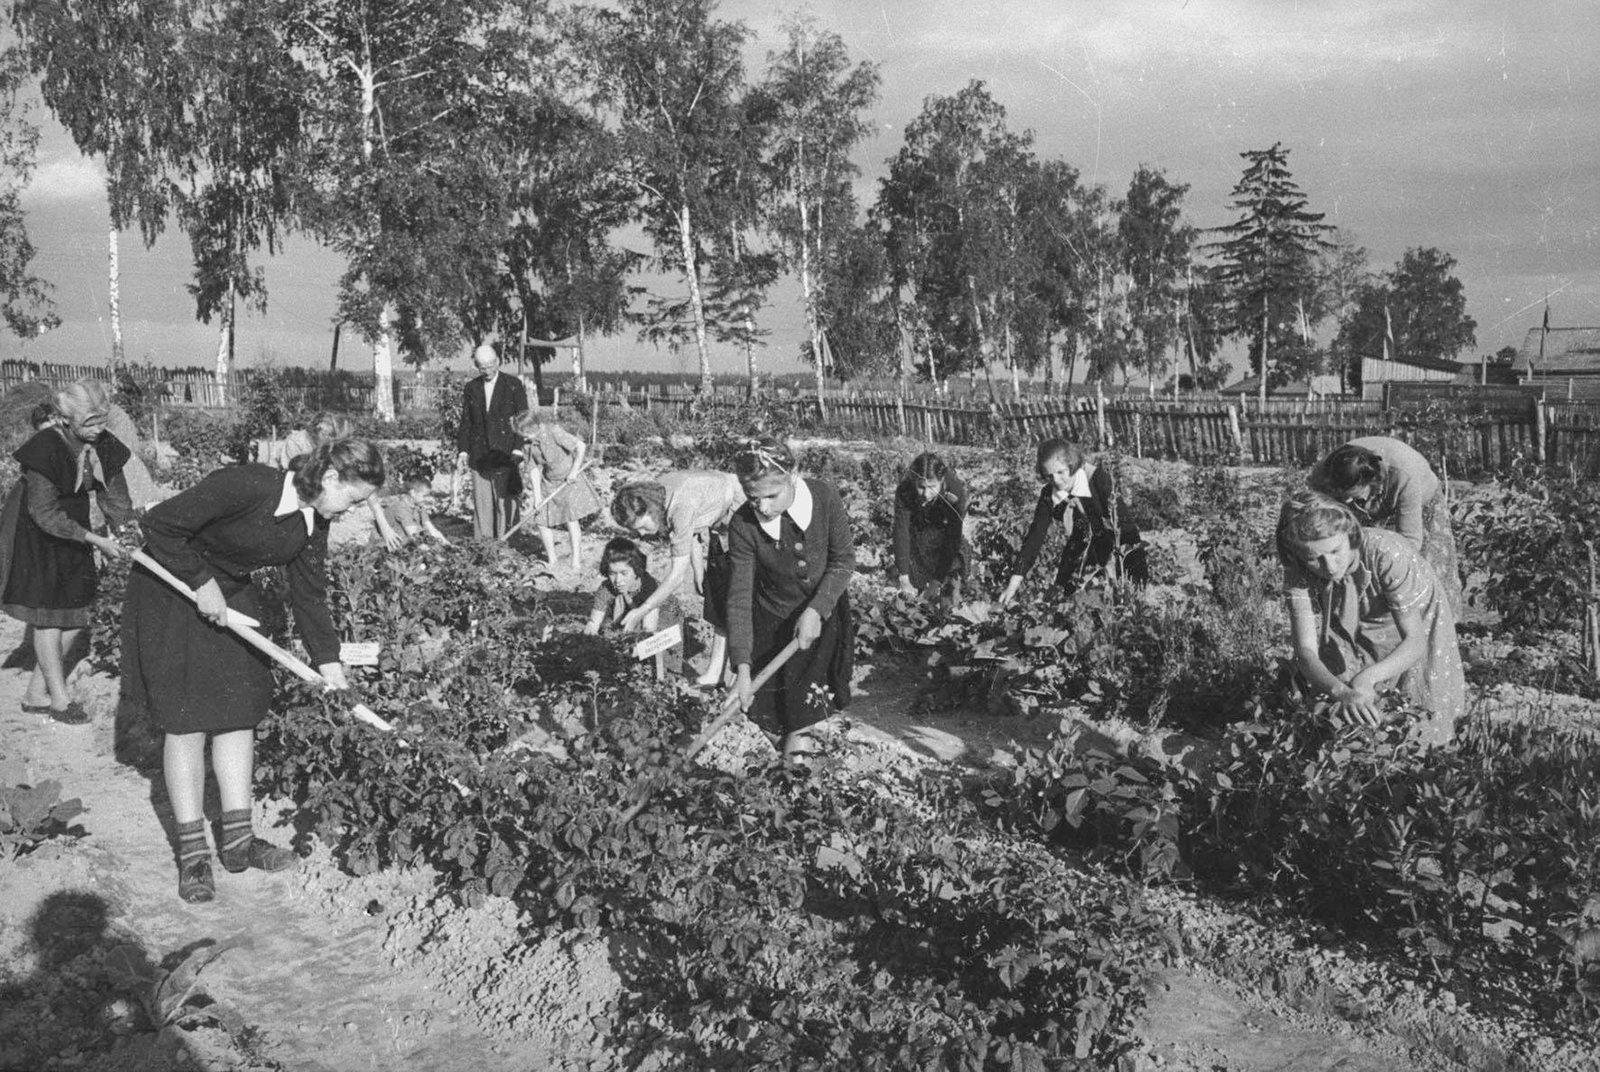 Юннаты на пришкольном участке. Автор С. Васин. 1930-е годы. Из коллекции МАММ